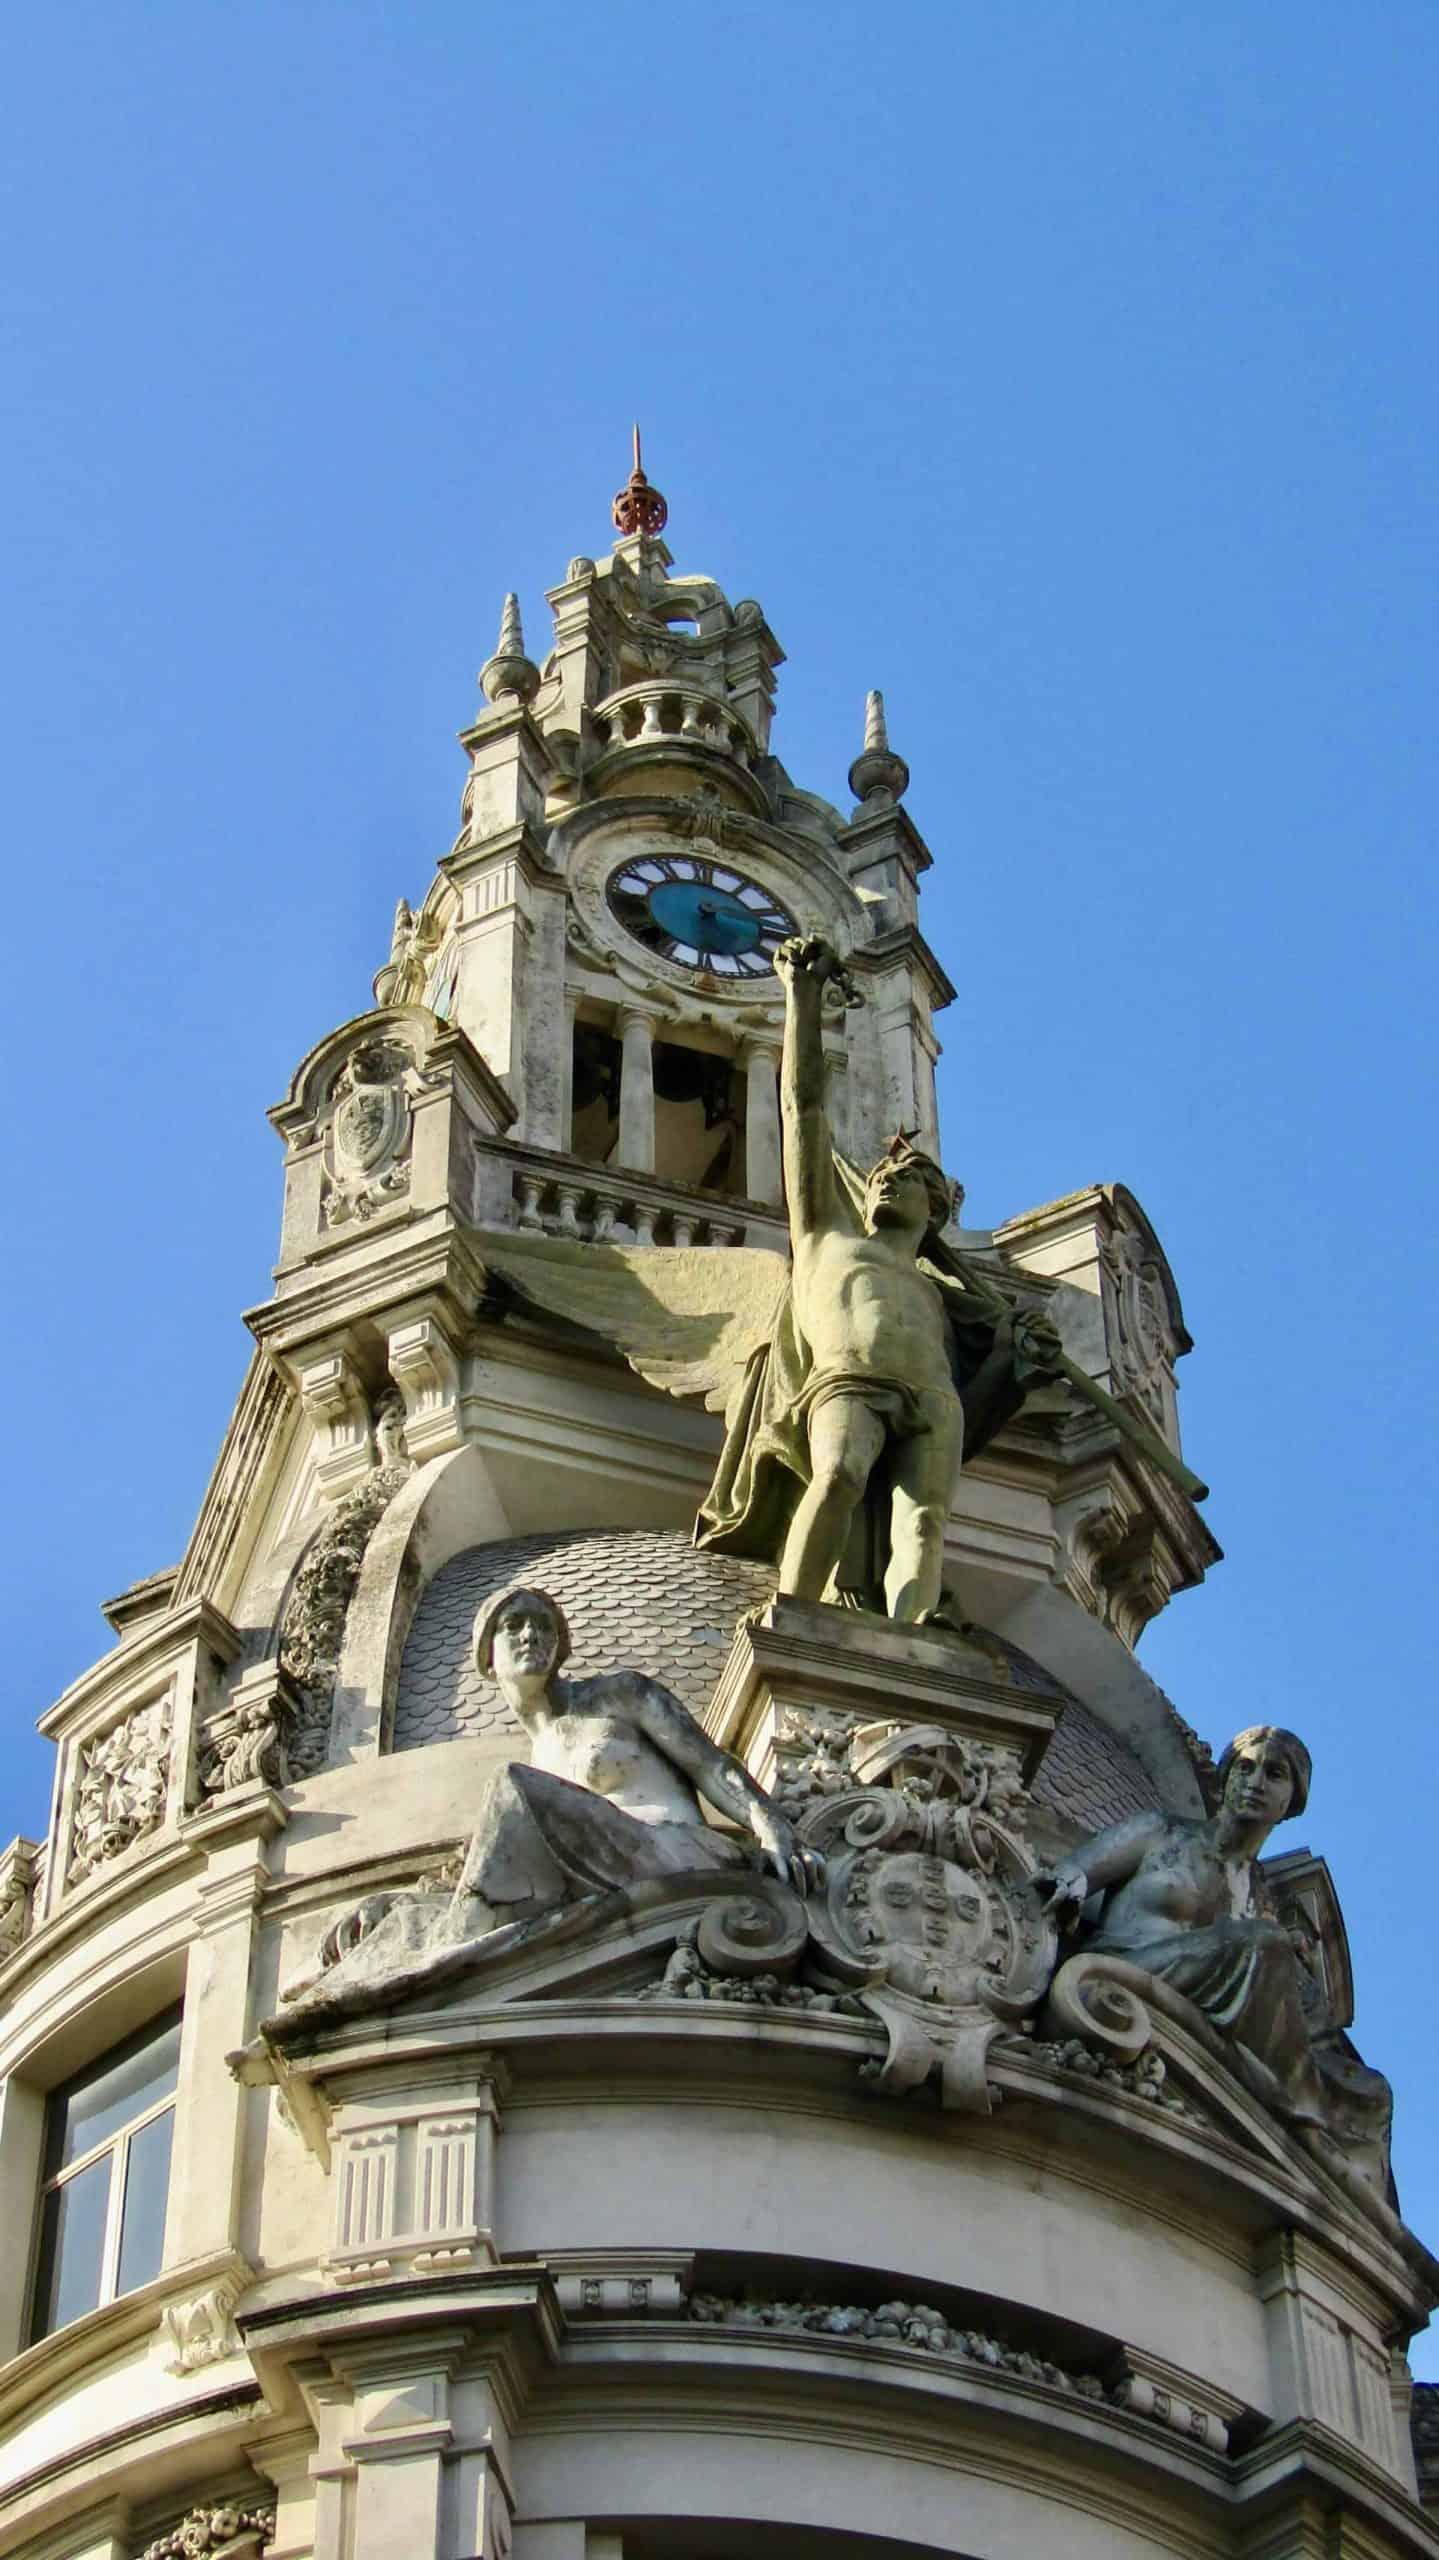 Porto_tourpoint8_Aliados_cornerbuilding_detail_4